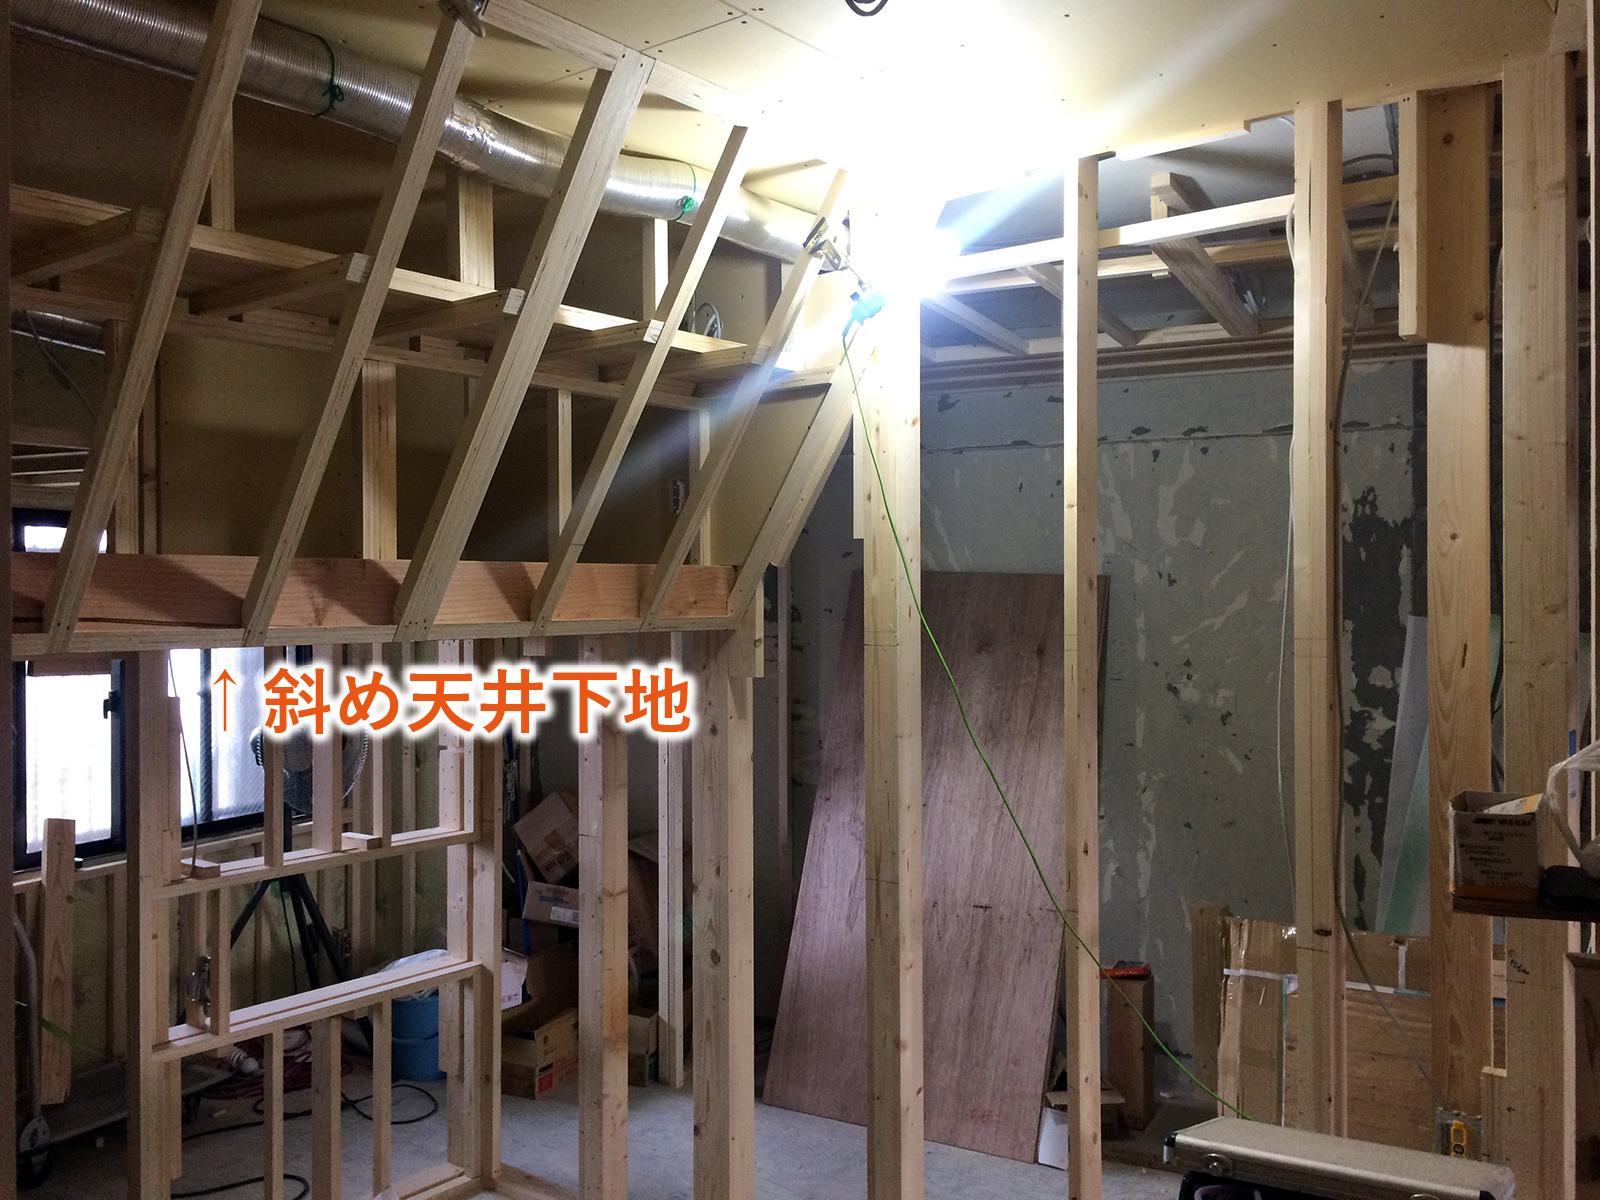 なかもずマンションのリノベーション(寝室)